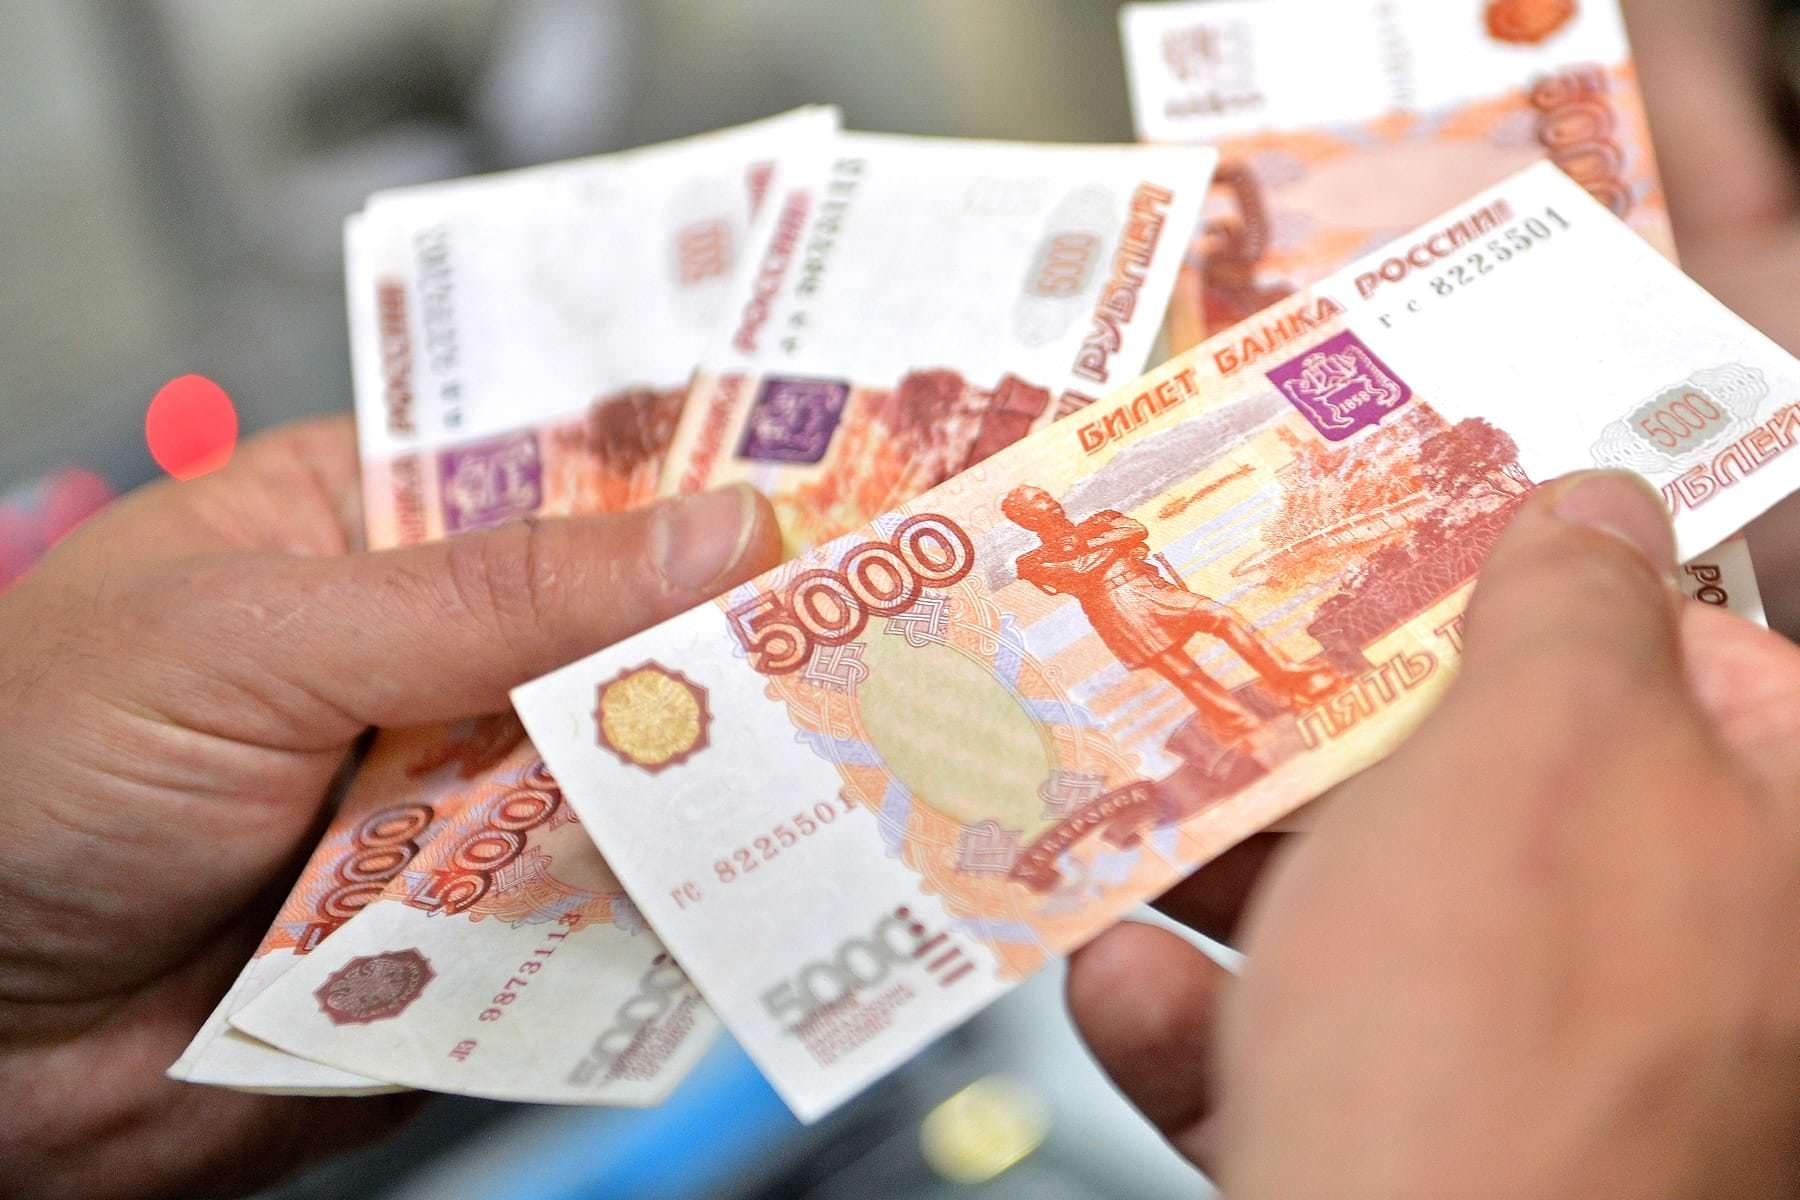 Летом 2021 года у россиян вырастут пенсии, появятся новые льготы и пособия